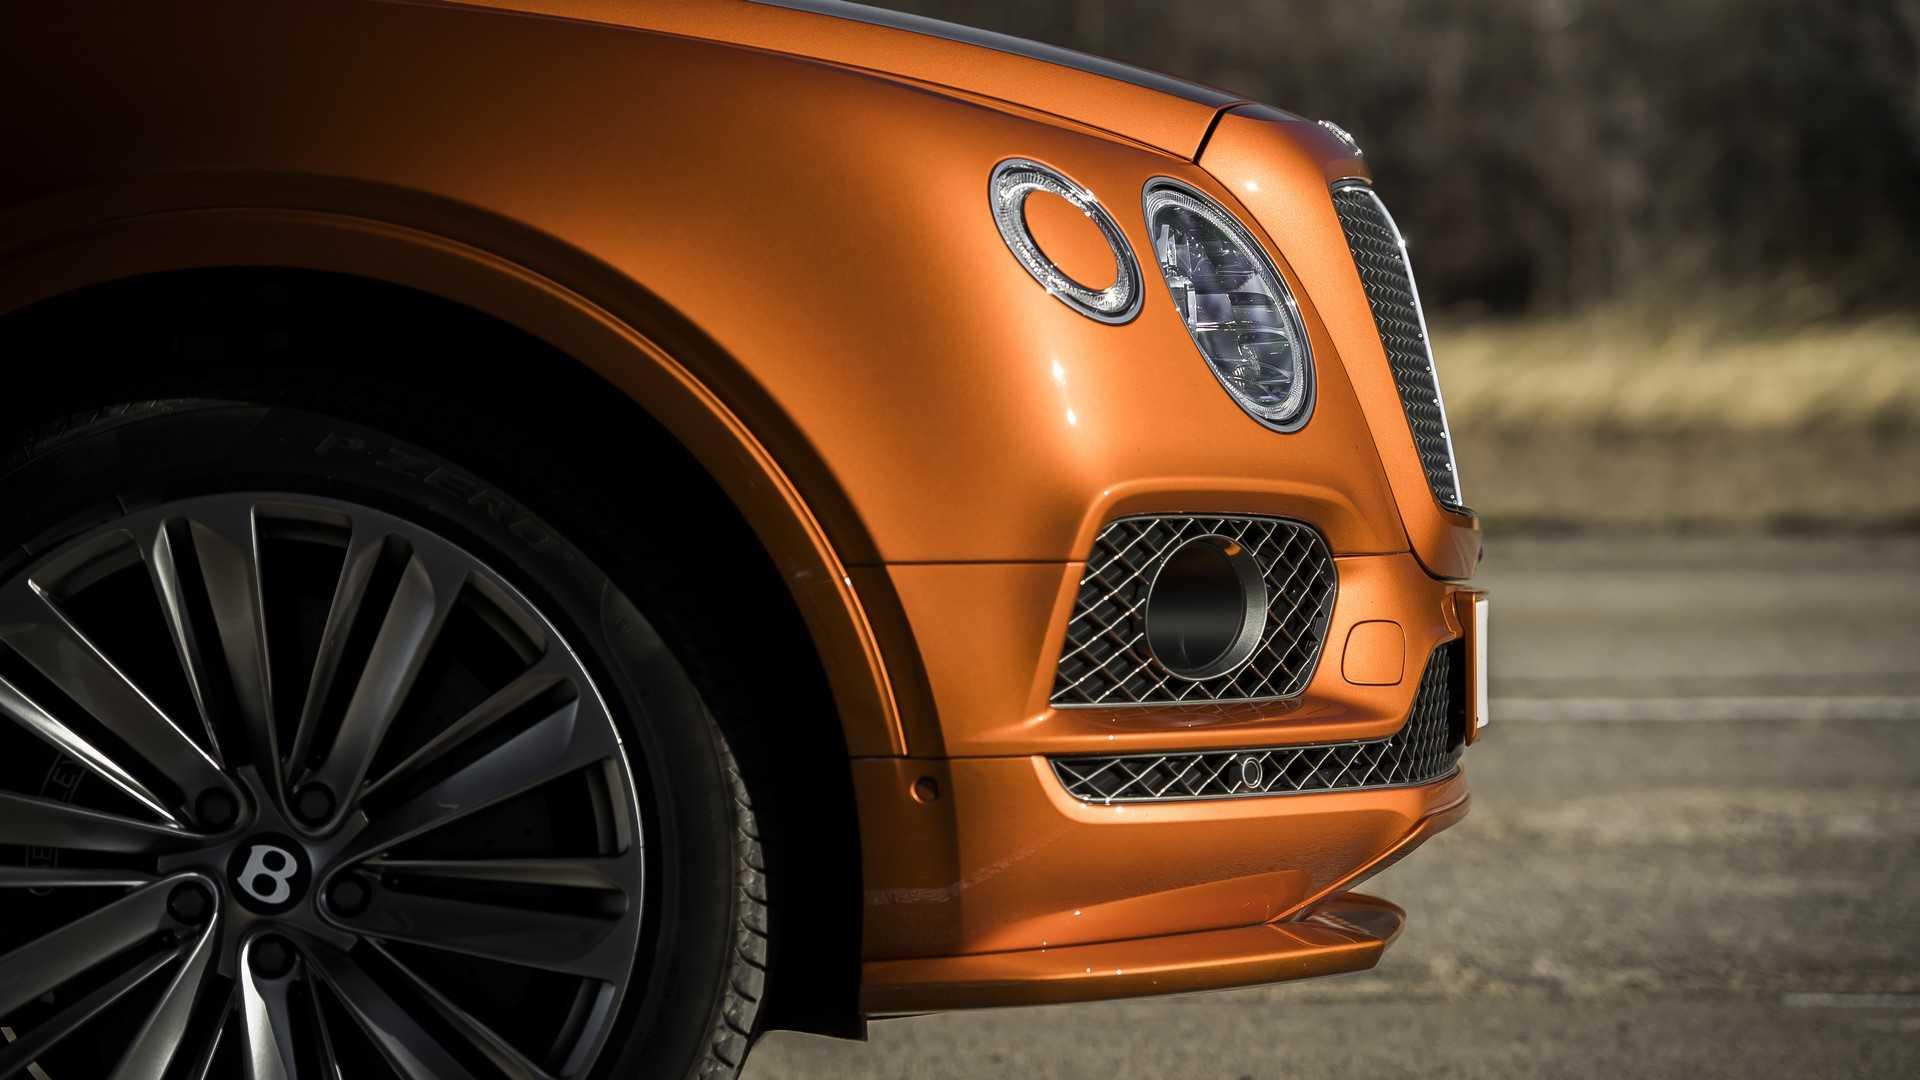 2020 Bentley Bentayga Speed Detail Wallpaper (11)